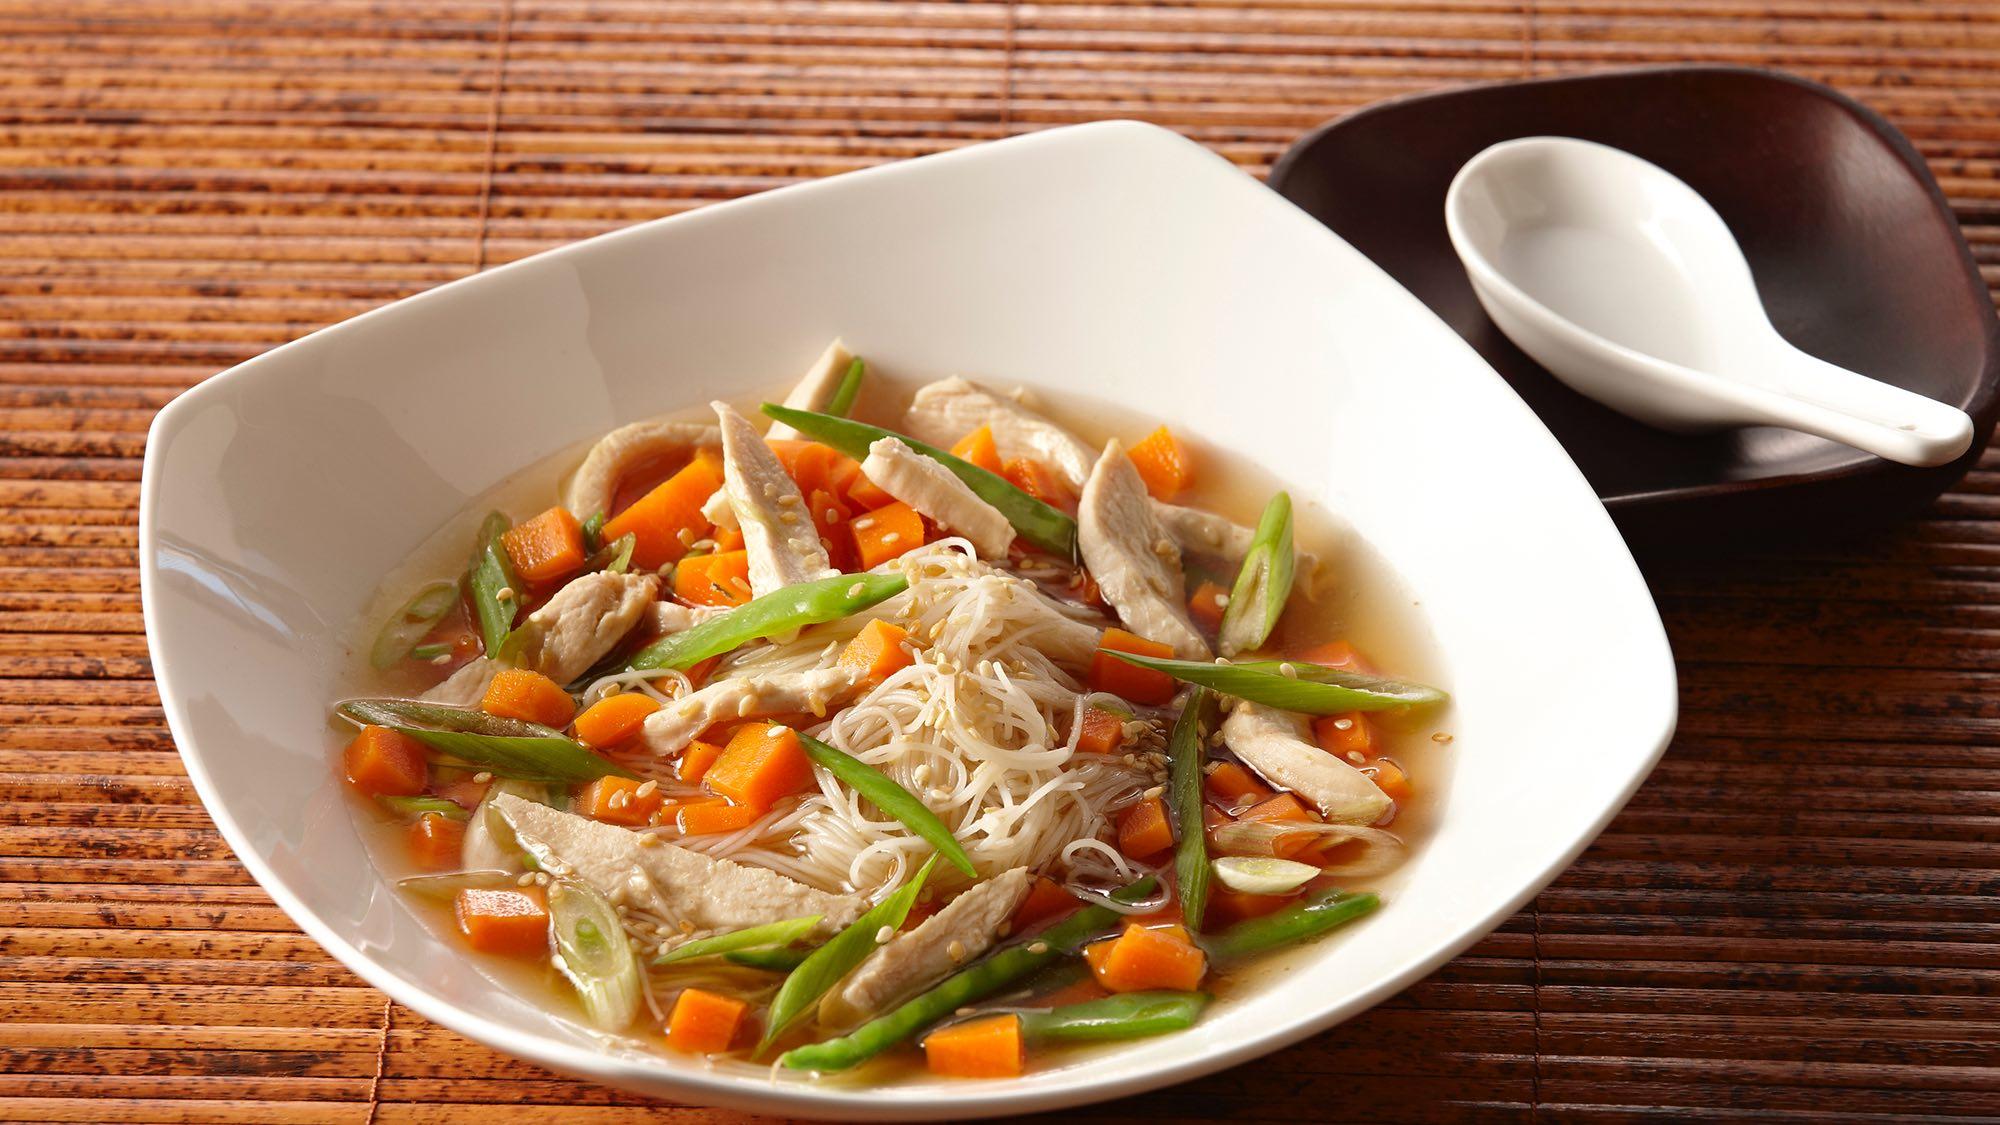 sesame-ginger-chicken-noodle-soup.jpg